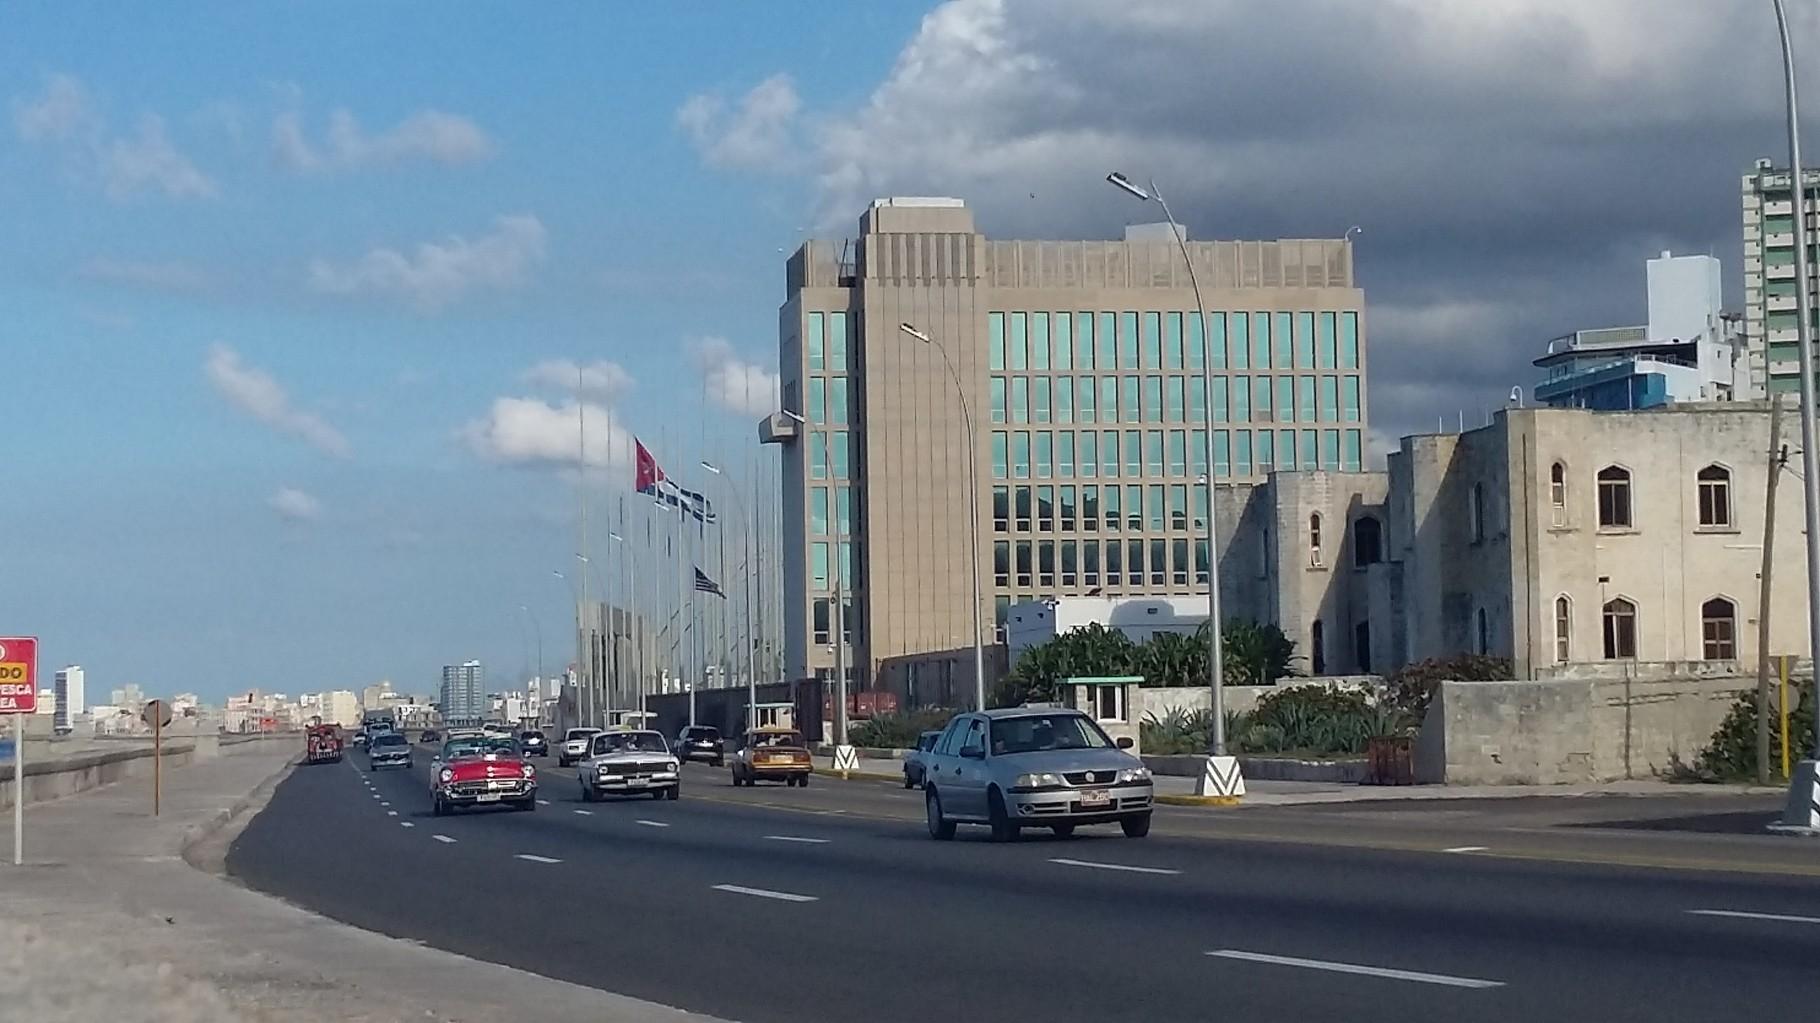 Edificio de la embajada de los Estados Unidos, ubicado en el malecón de La Habana.